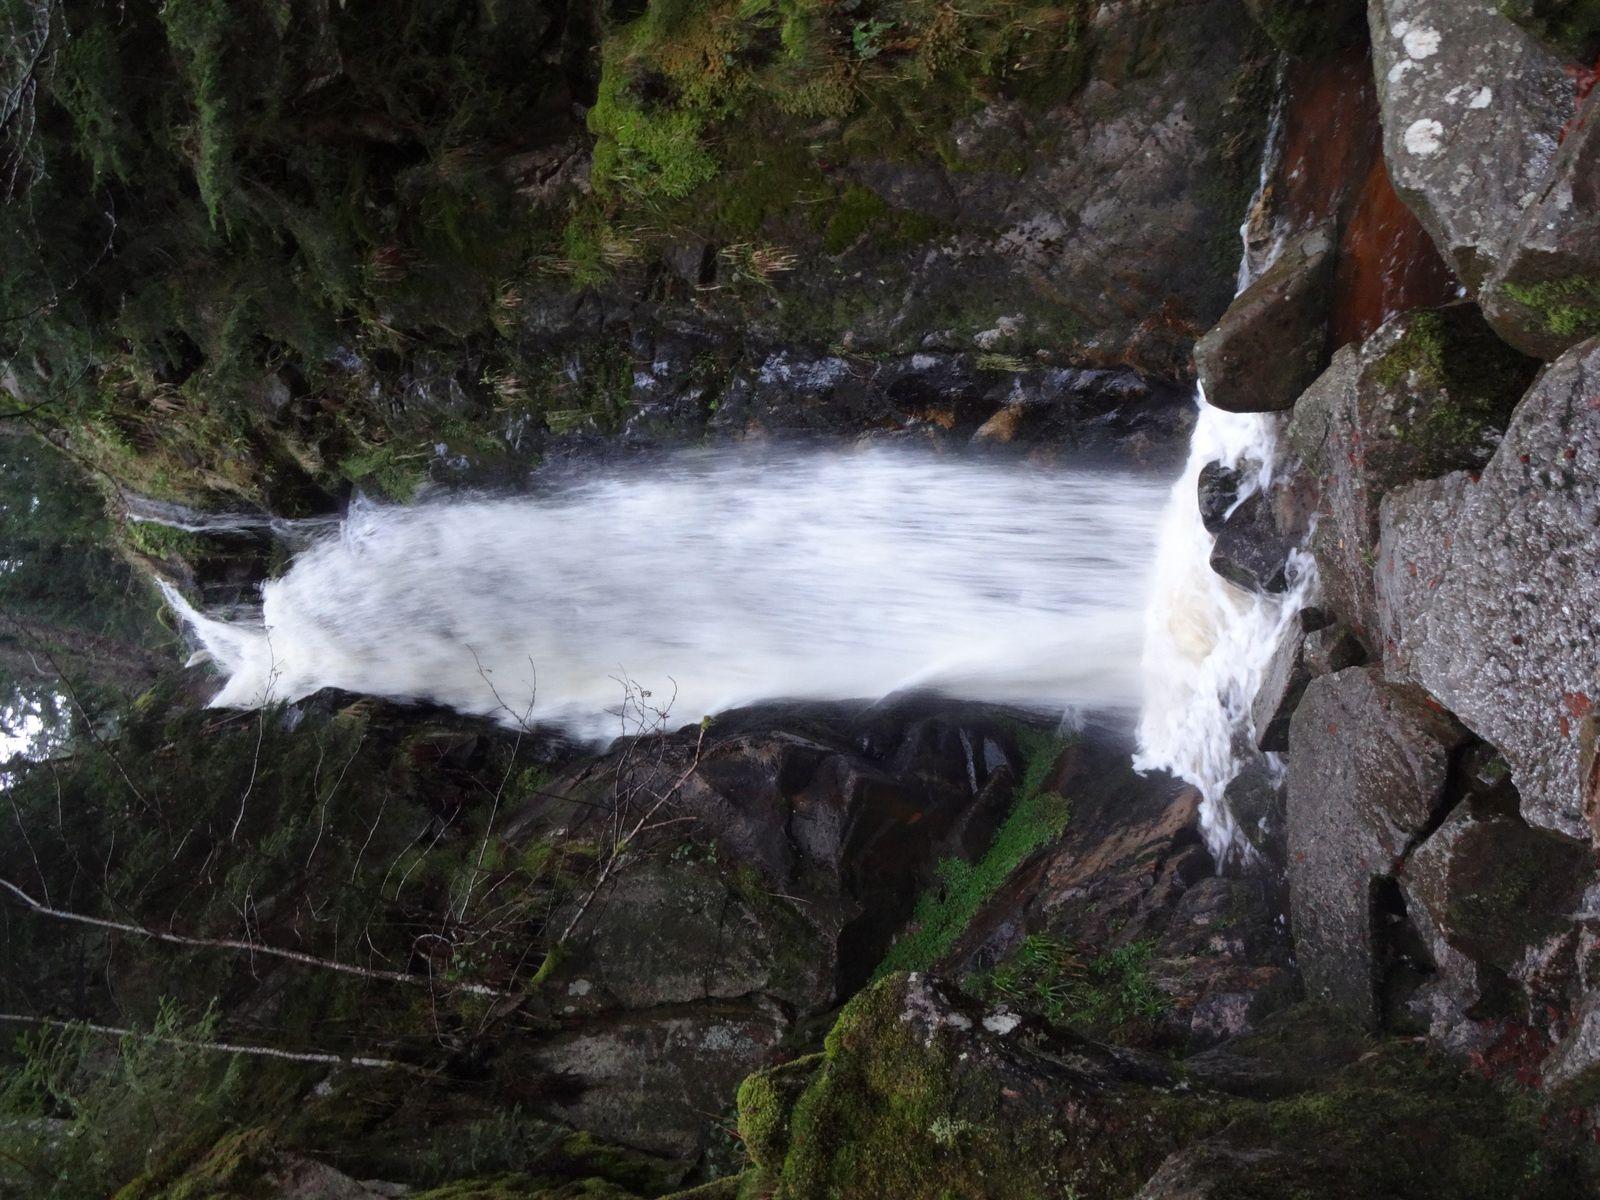 Rando cascade du Rudlin - 14 décembre 2014